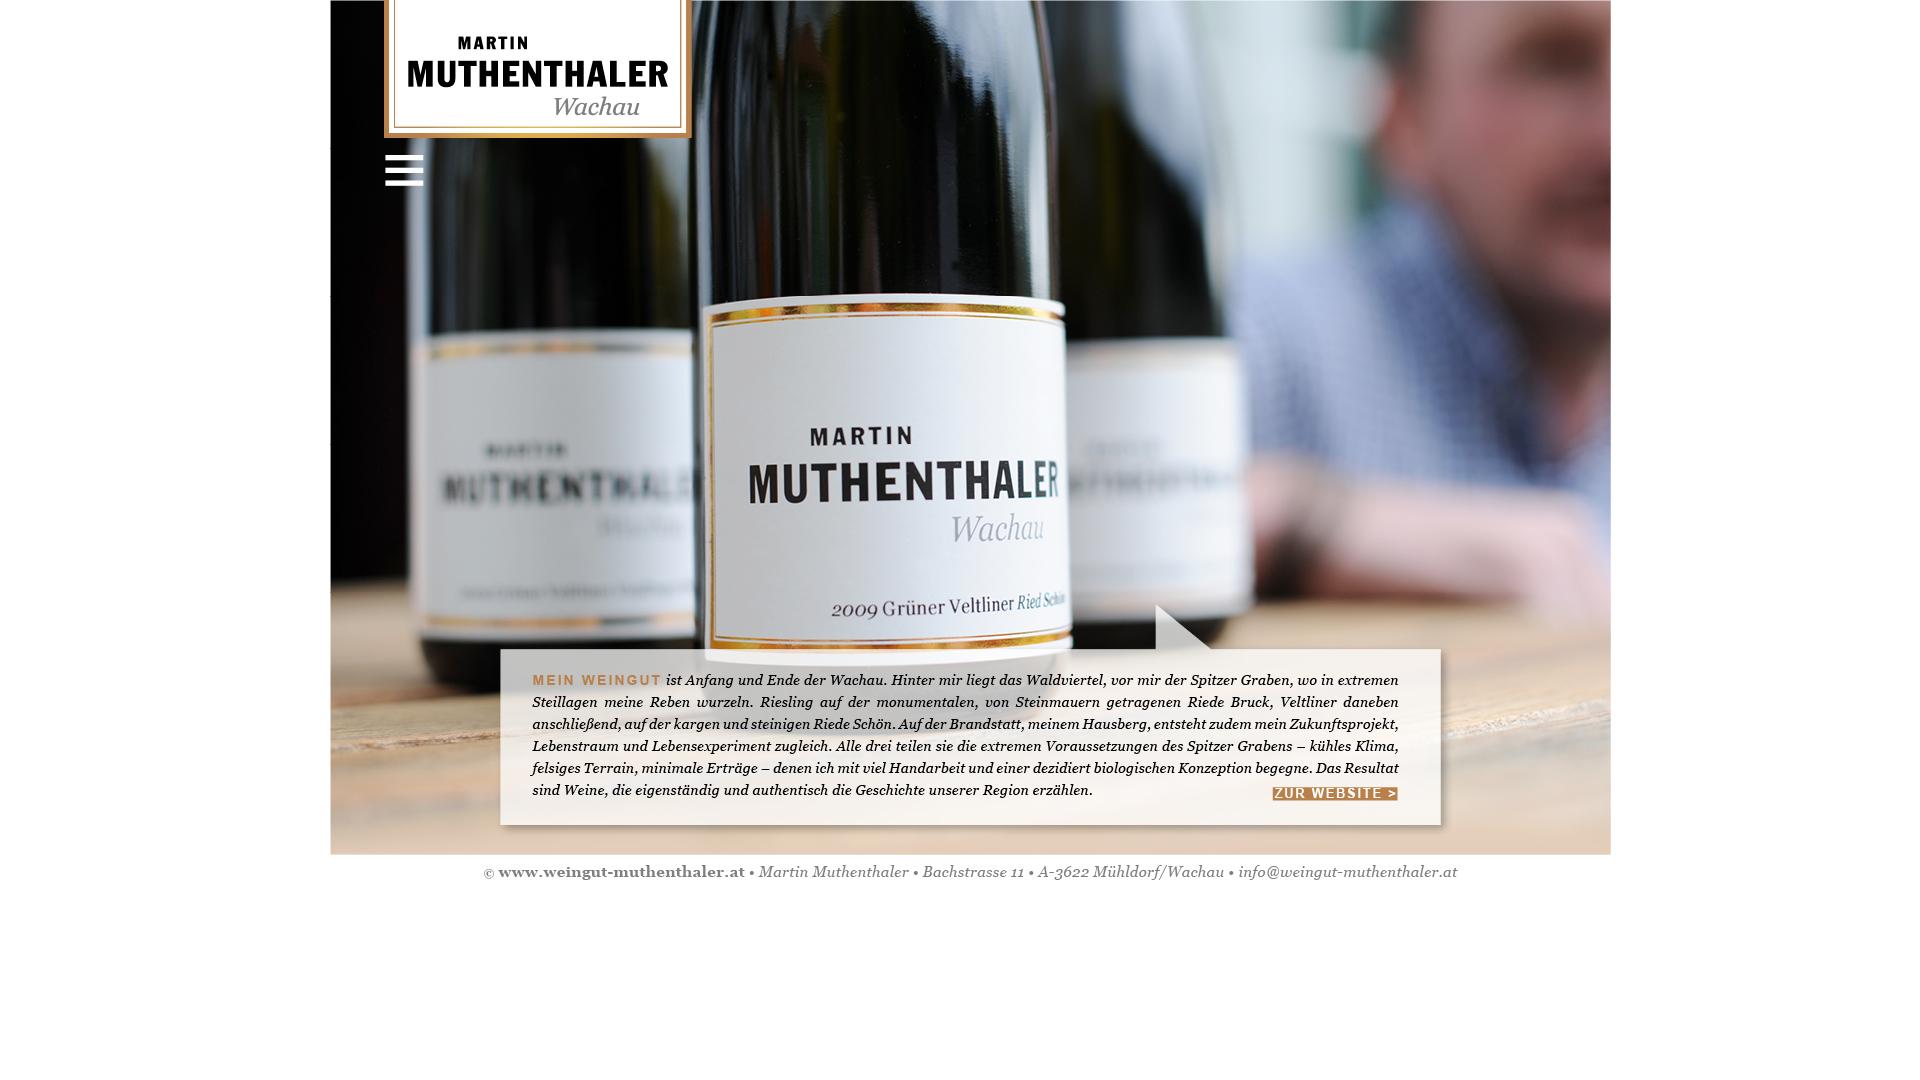 Designentwicklung Logo und Website für Weingut Martin Muthenthaler Wachau Logo und Website für Weingut Martin Muthenthaler Wachau